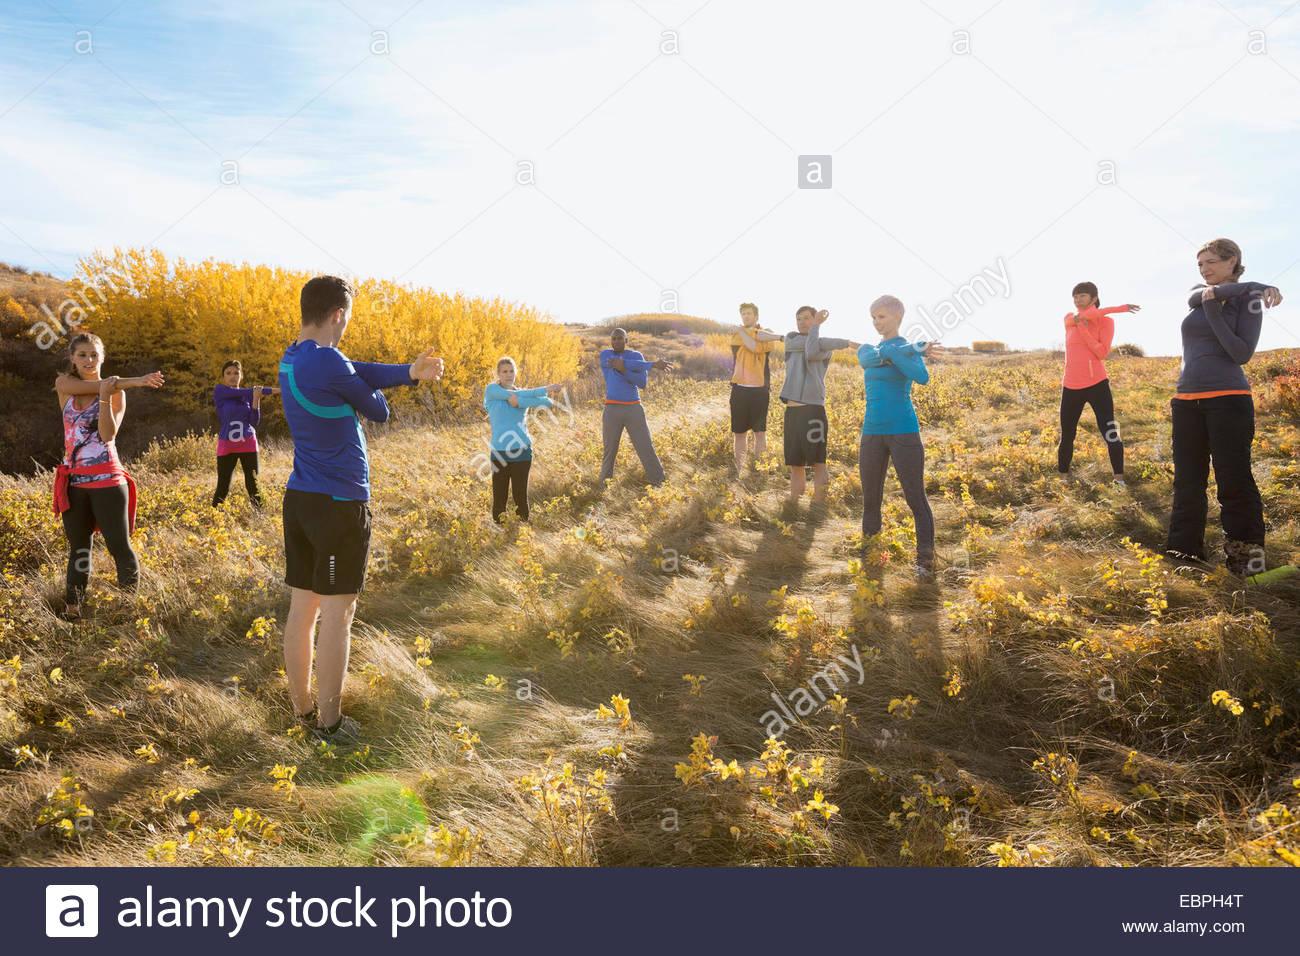 Grupo de fitness estiramiento en el soleado campo rural Imagen De Stock